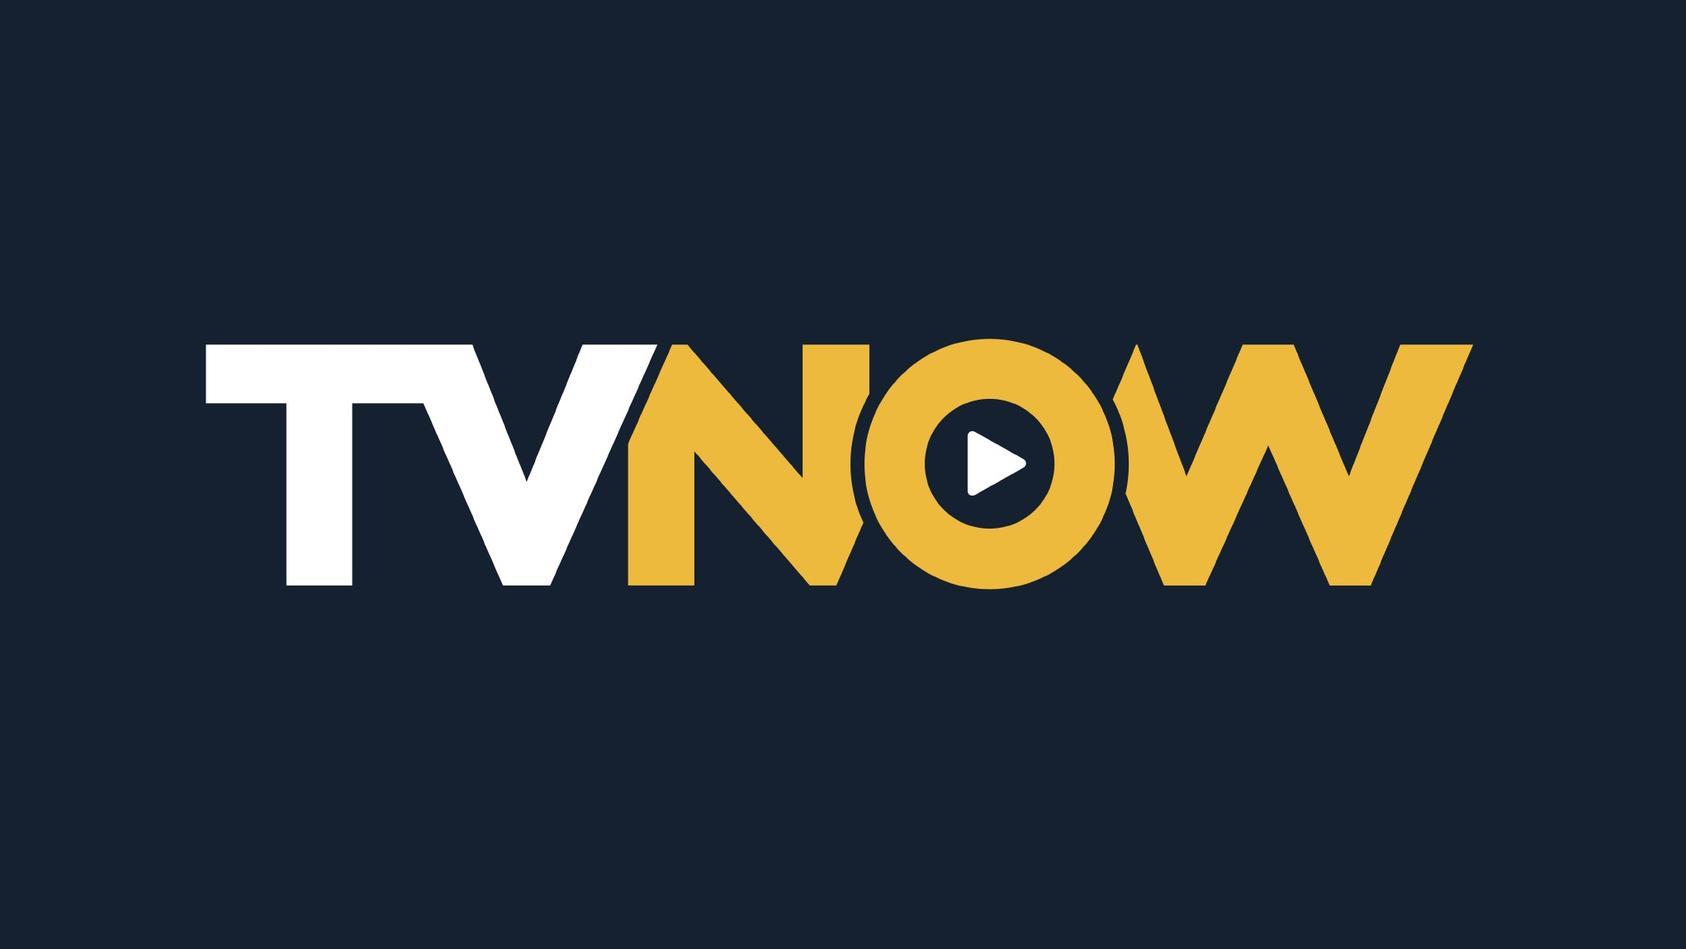 Tvnow Live